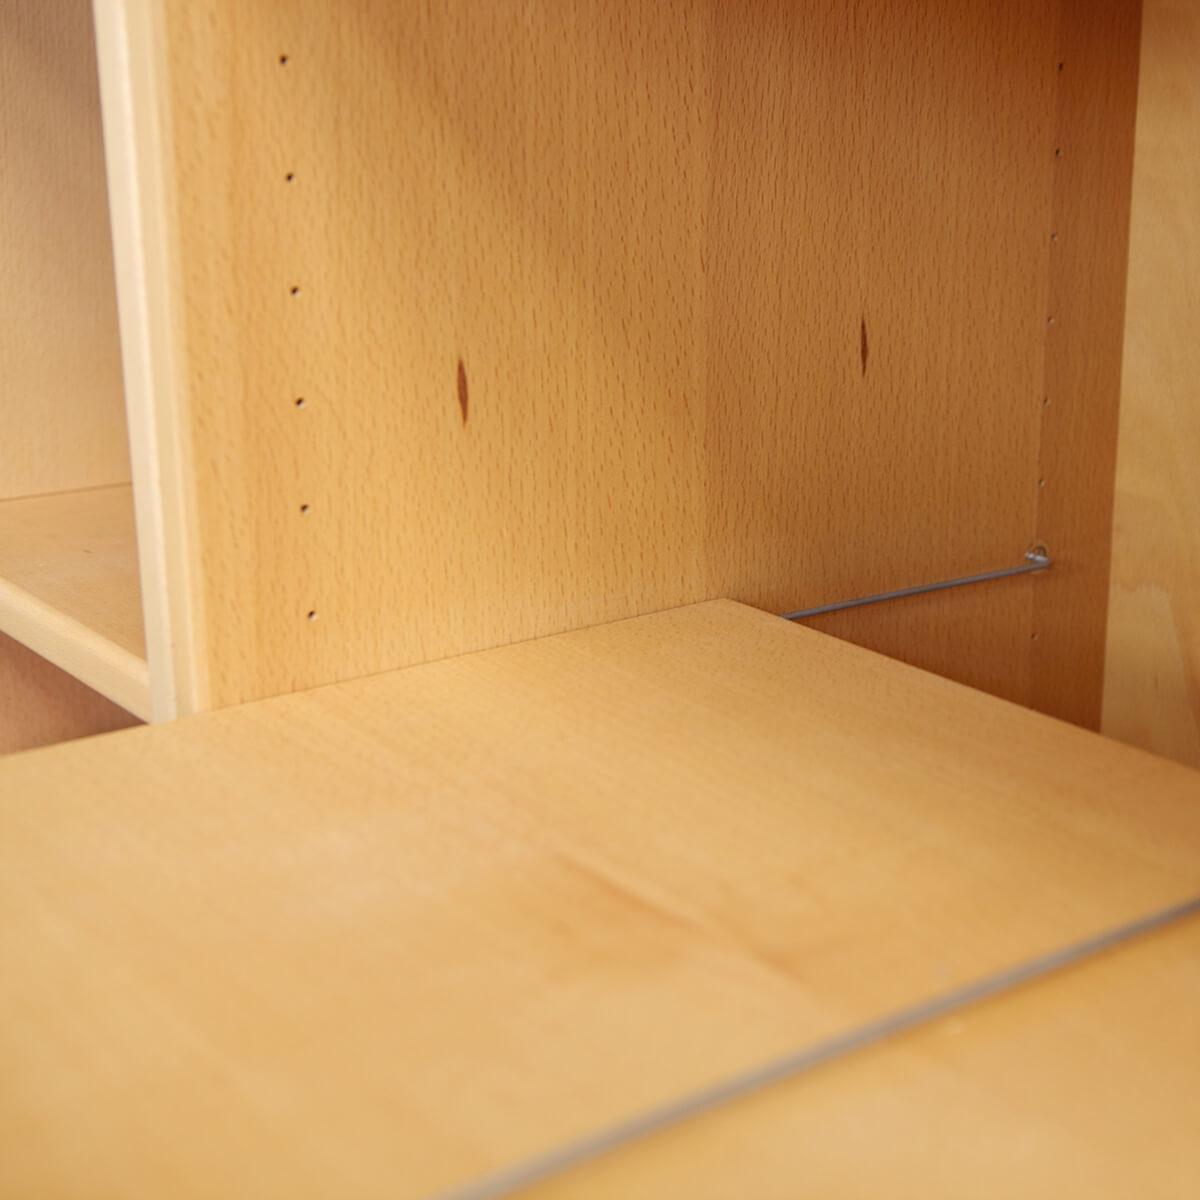 Kleiderschrankboden für 622 DELUXE Debreuyn Buche natur geölt